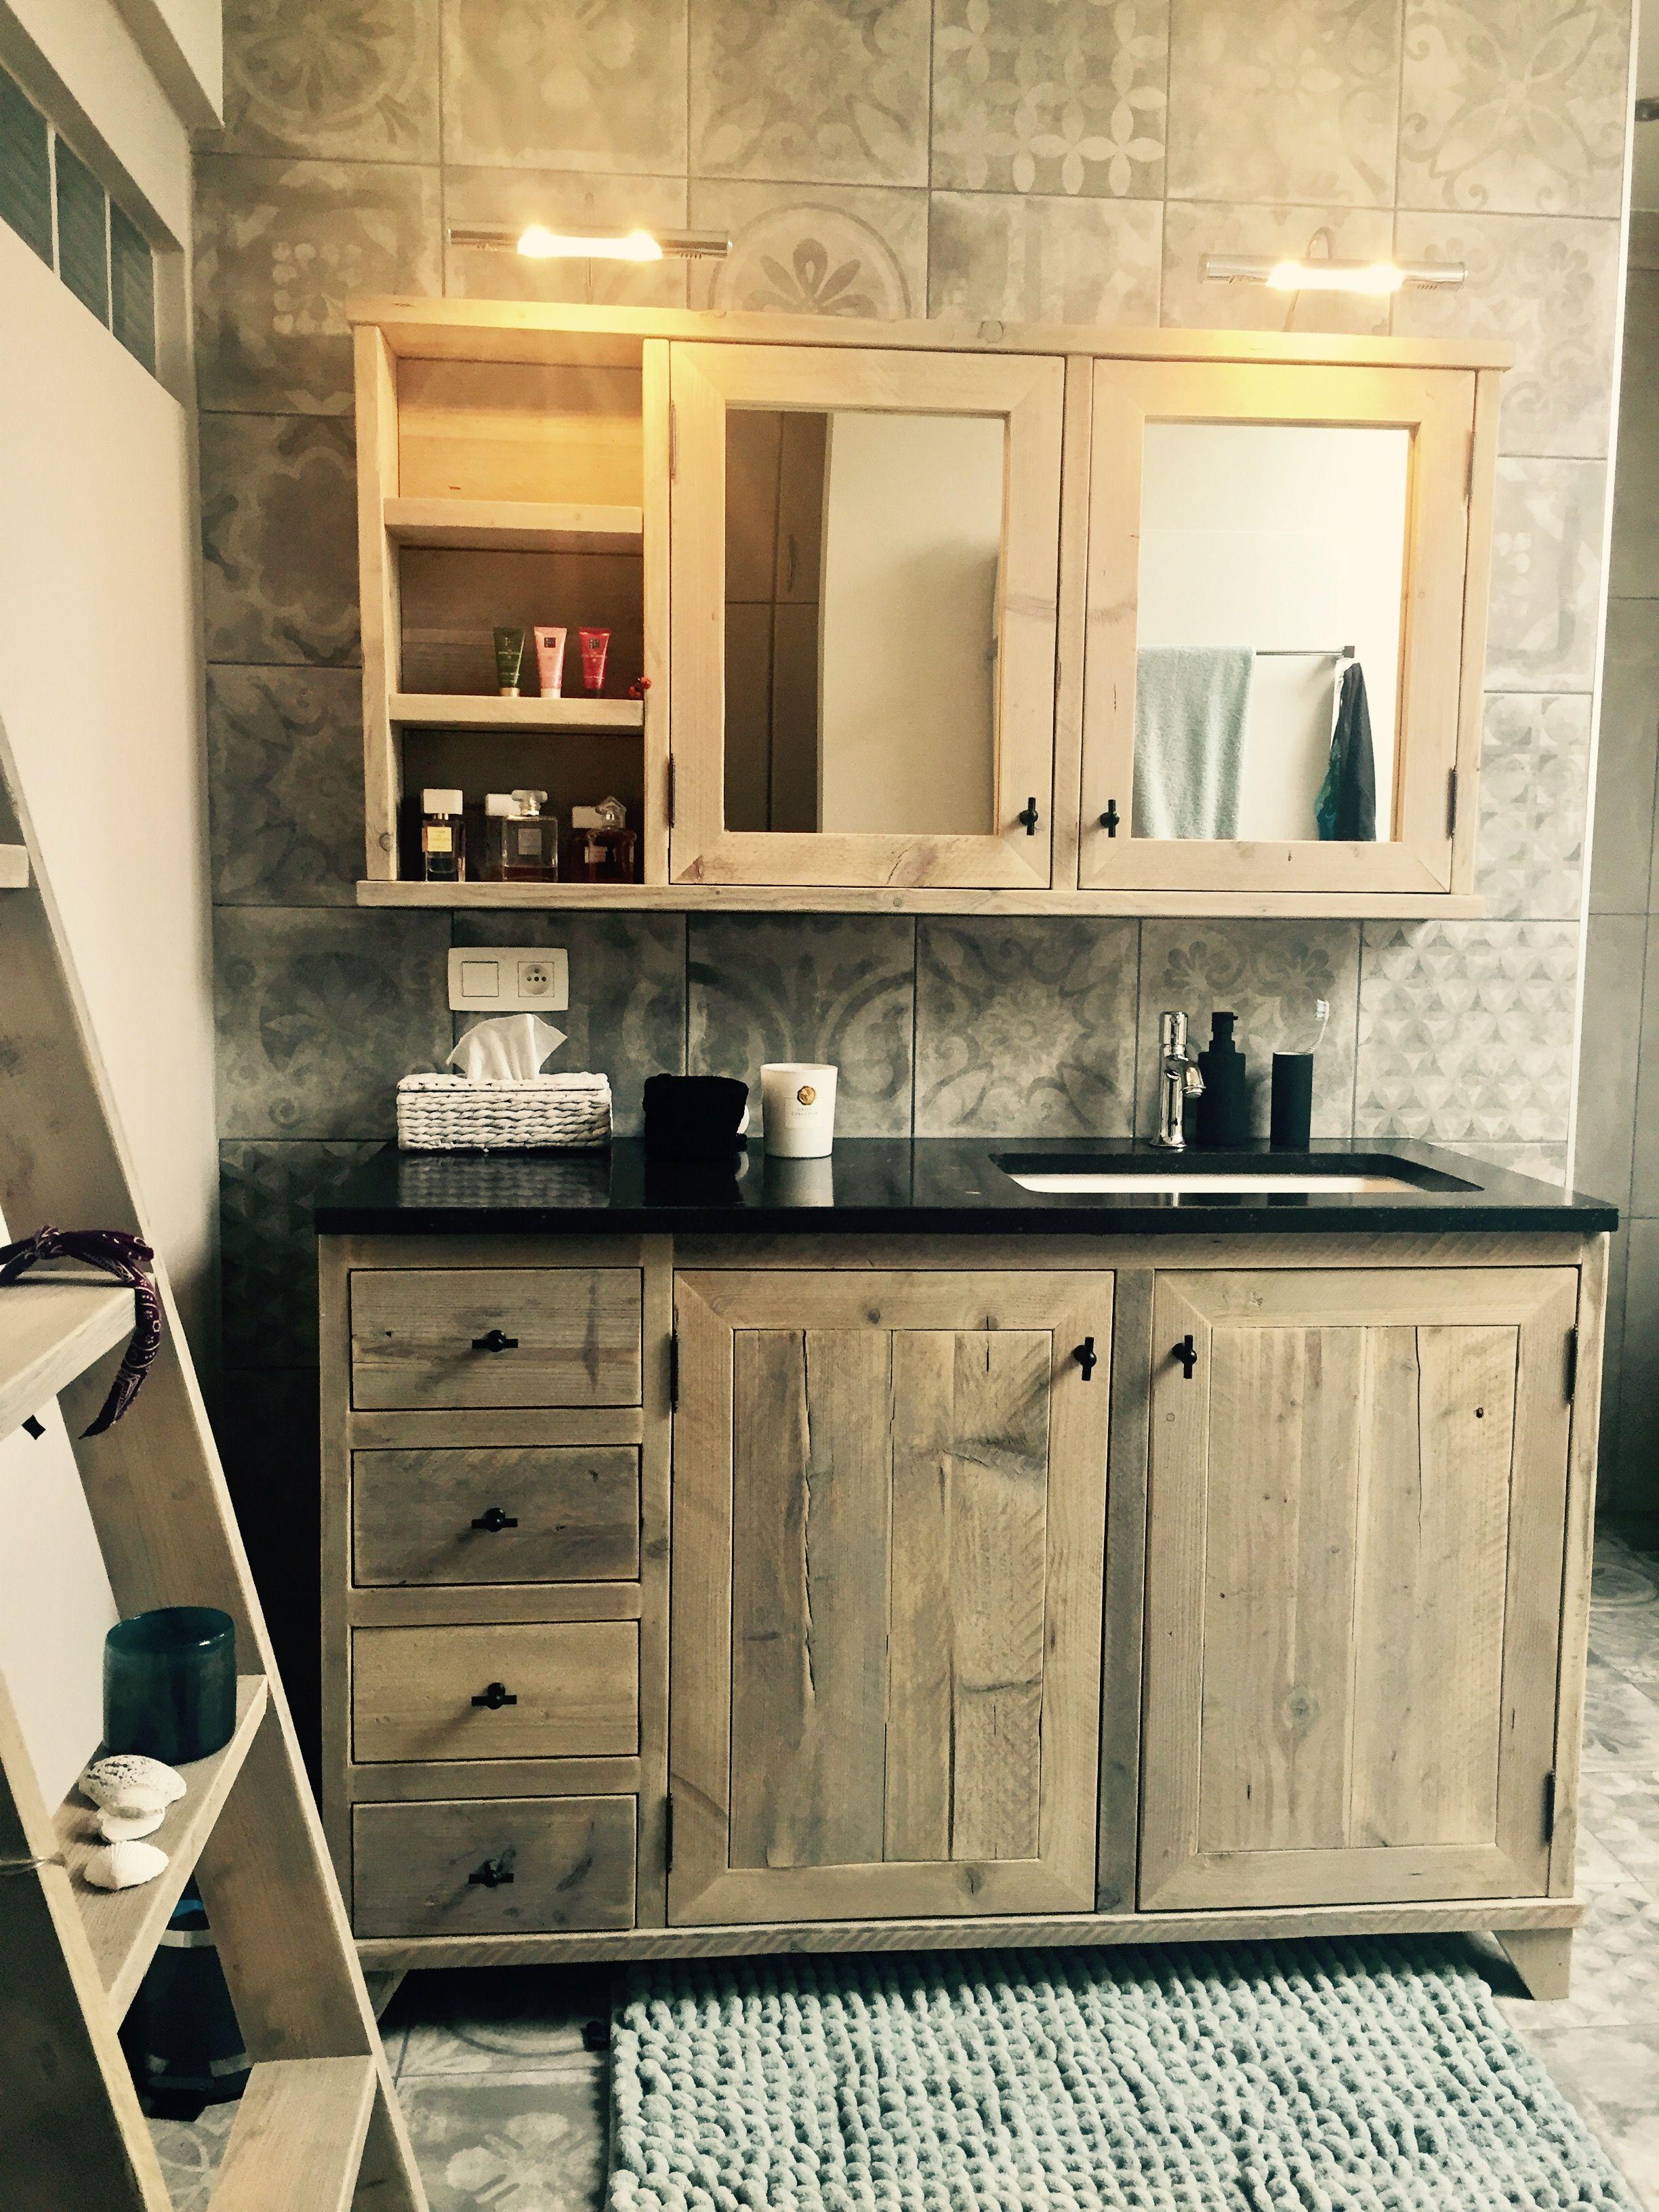 Barn wood vanity Badkamermeubel steigerhout Own creation ❤